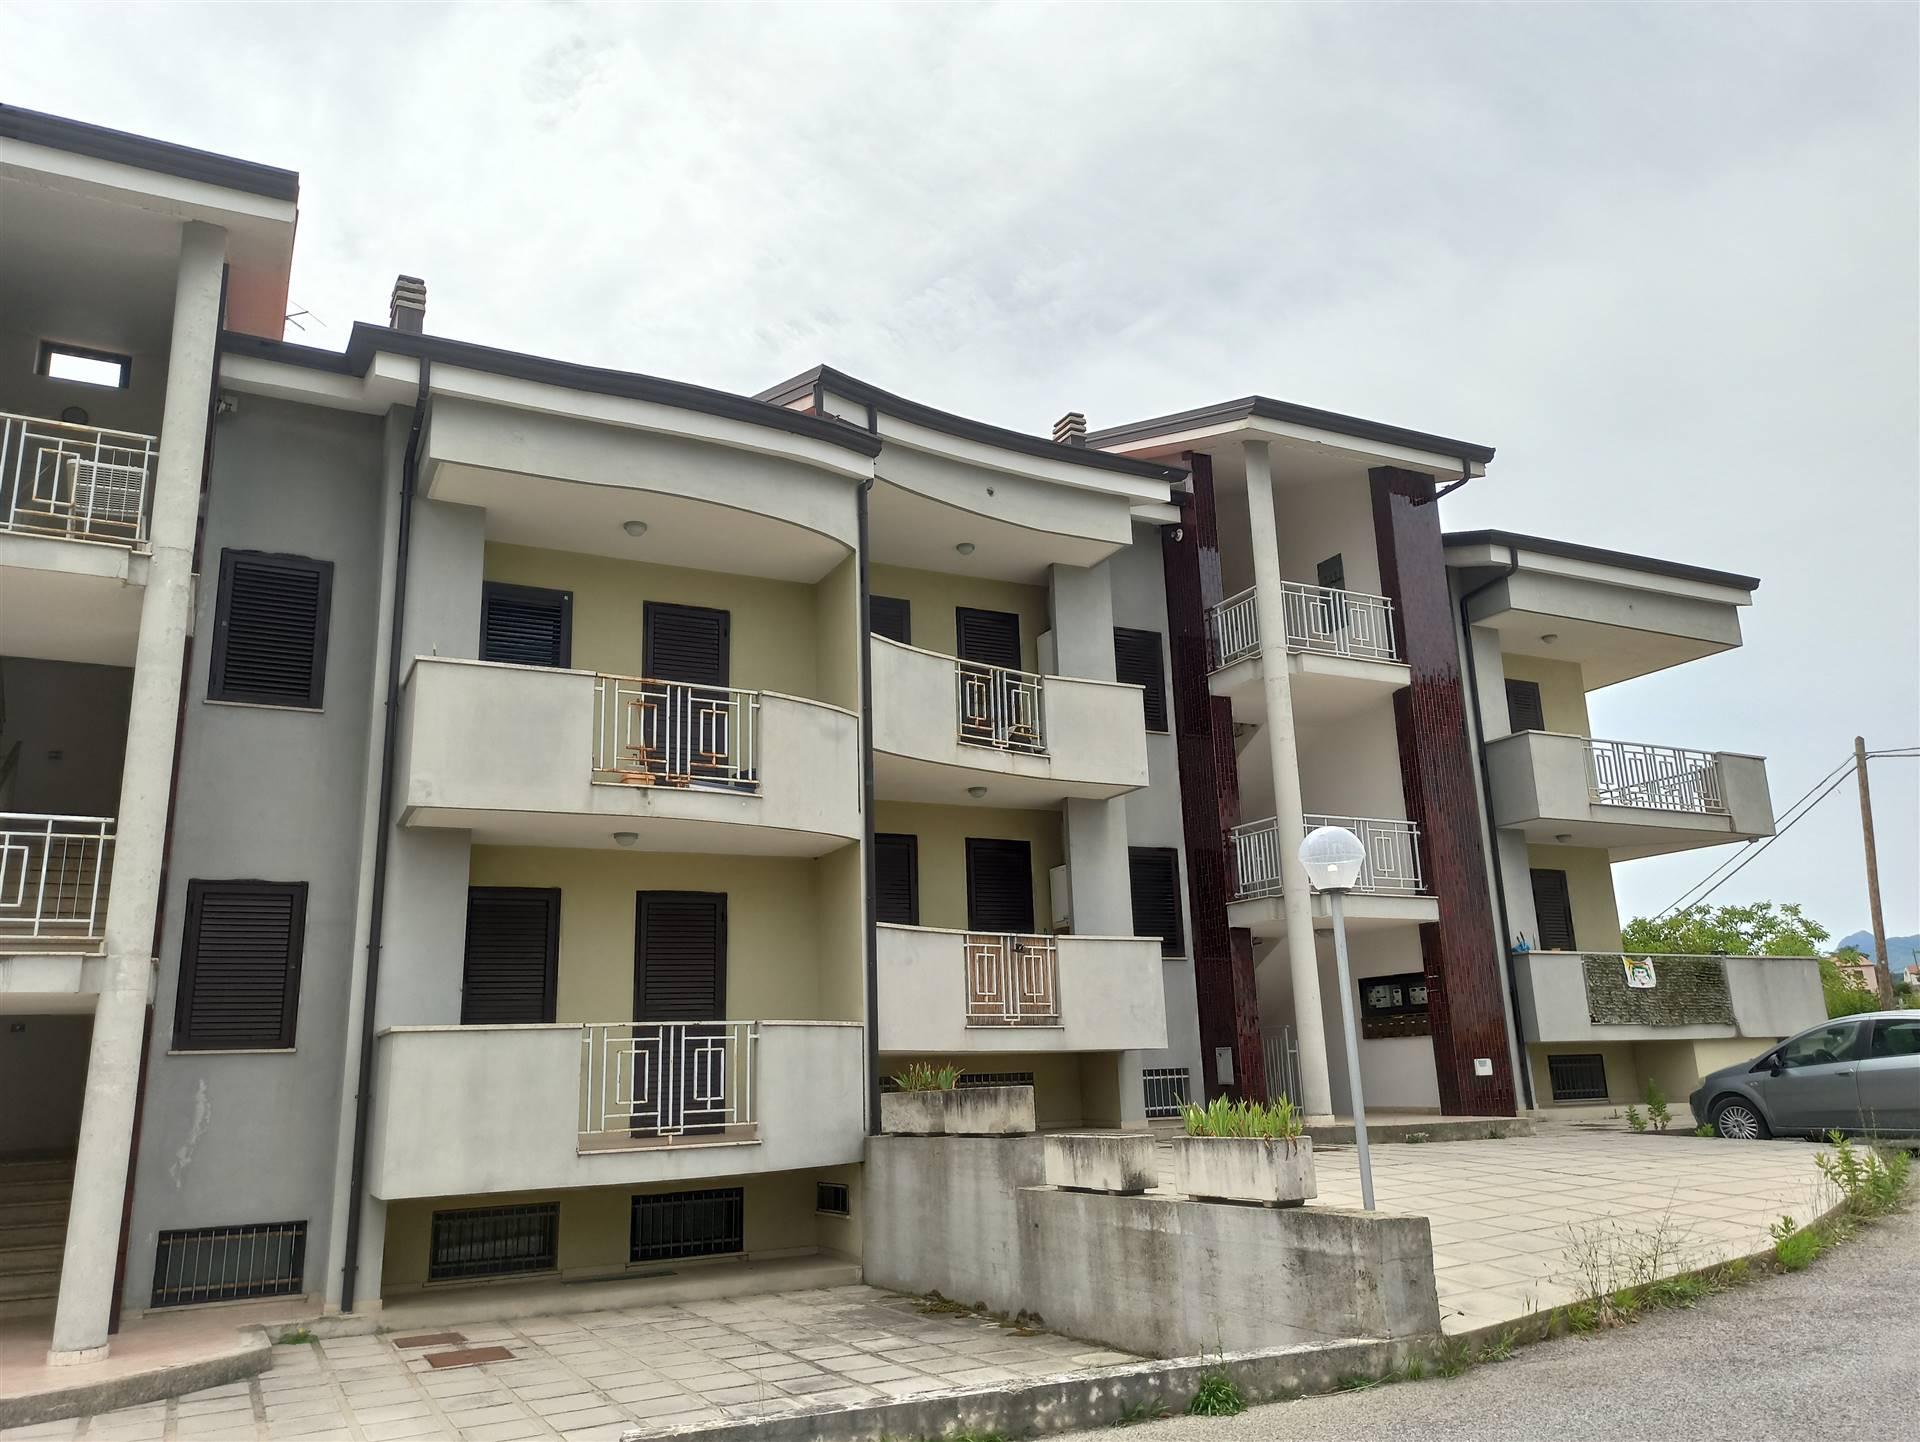 Appartamento in affitto a Rende, 3 locali, prezzo € 280   CambioCasa.it